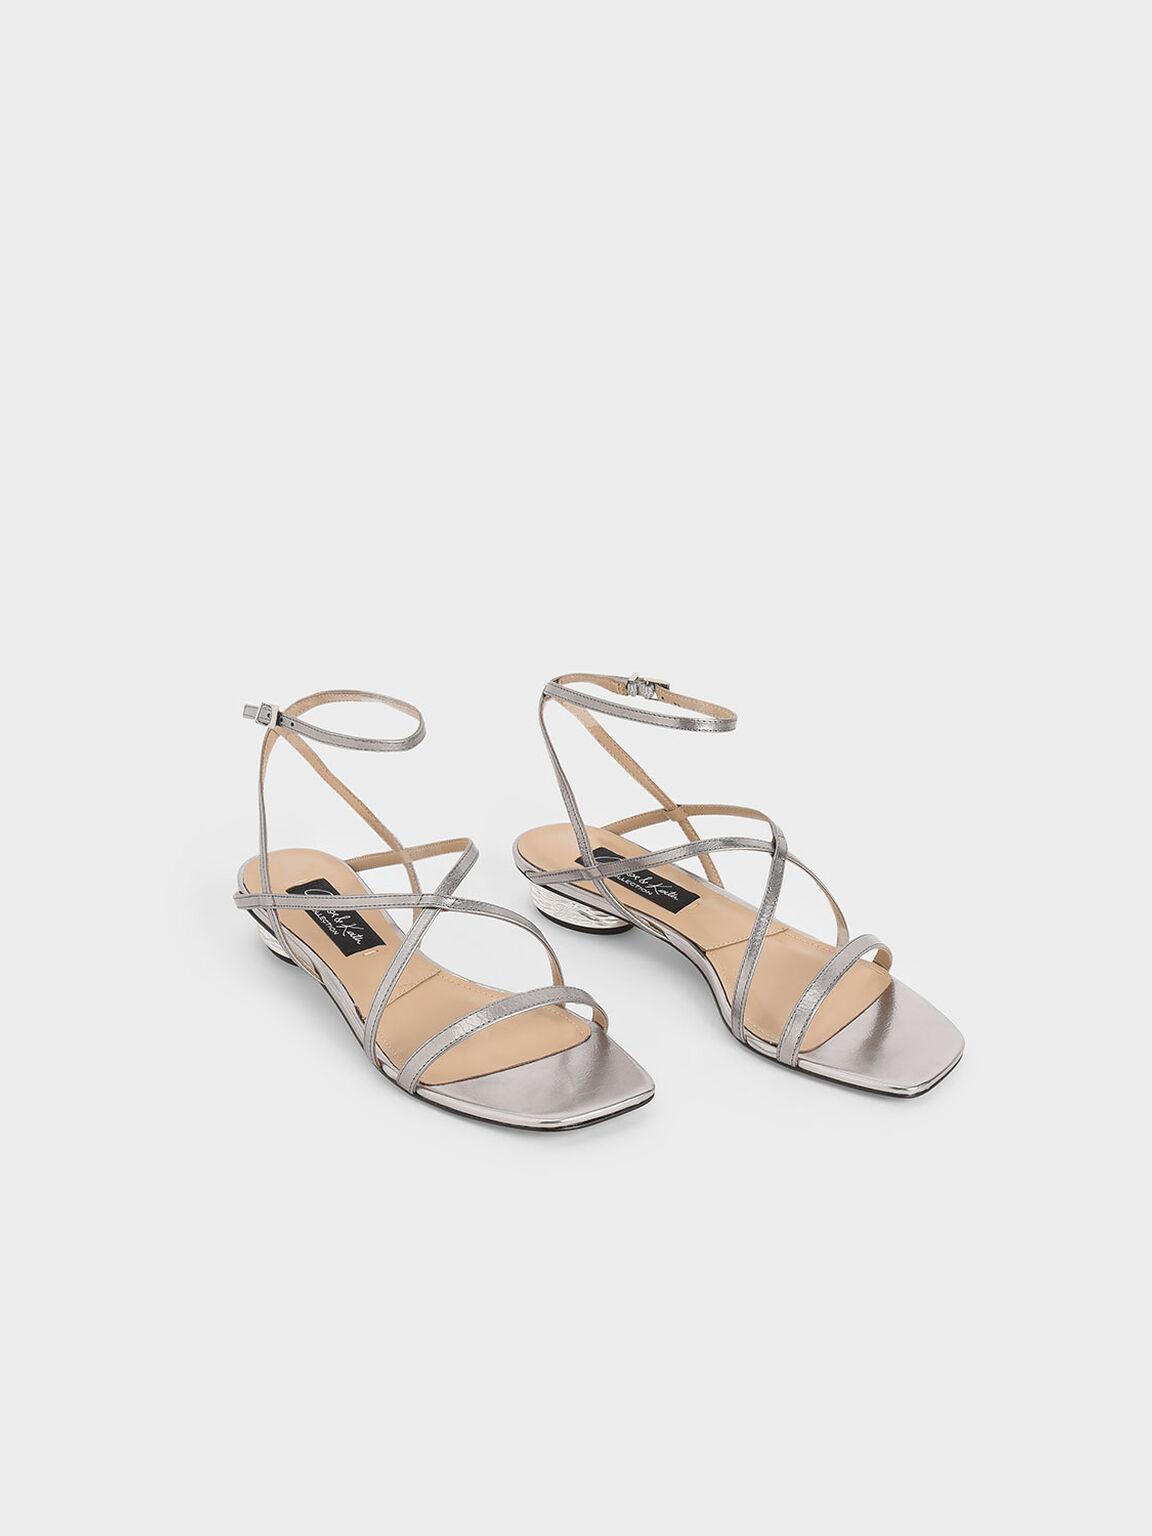 真皮低跟涼鞋, 金灰色, hi-res